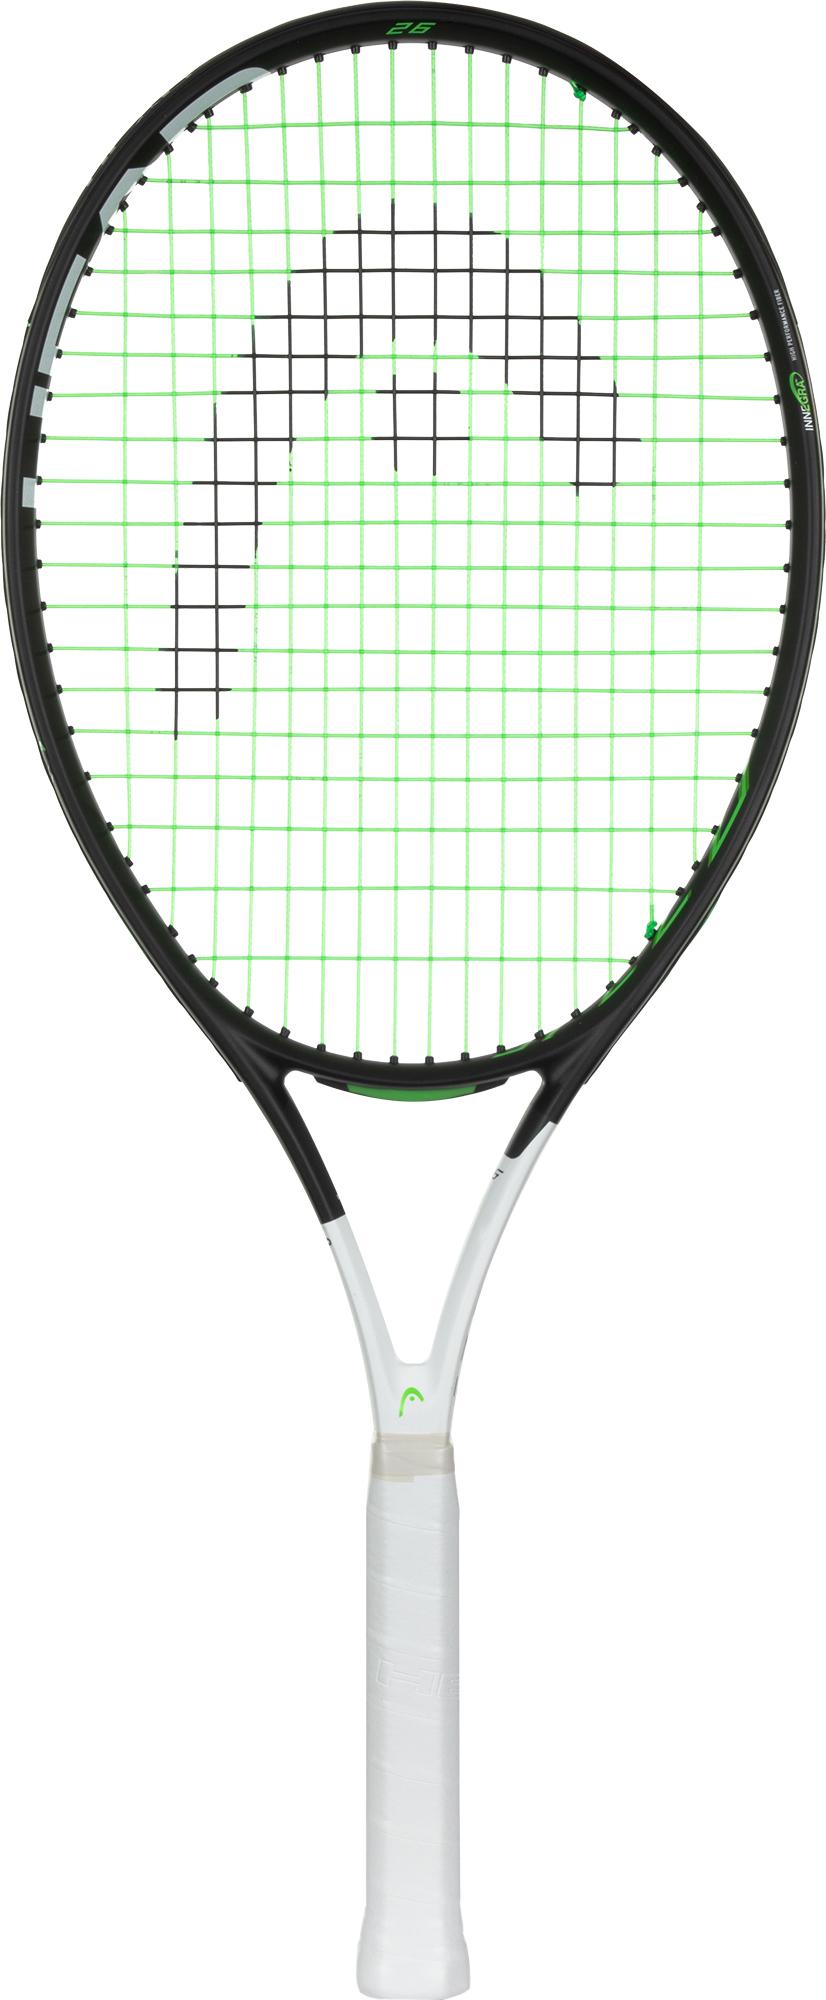 Head Ракетка для большого тенниса детская Head IG Speed 26 head ракетка для большого тенниса детская head novak 21 размер без размера